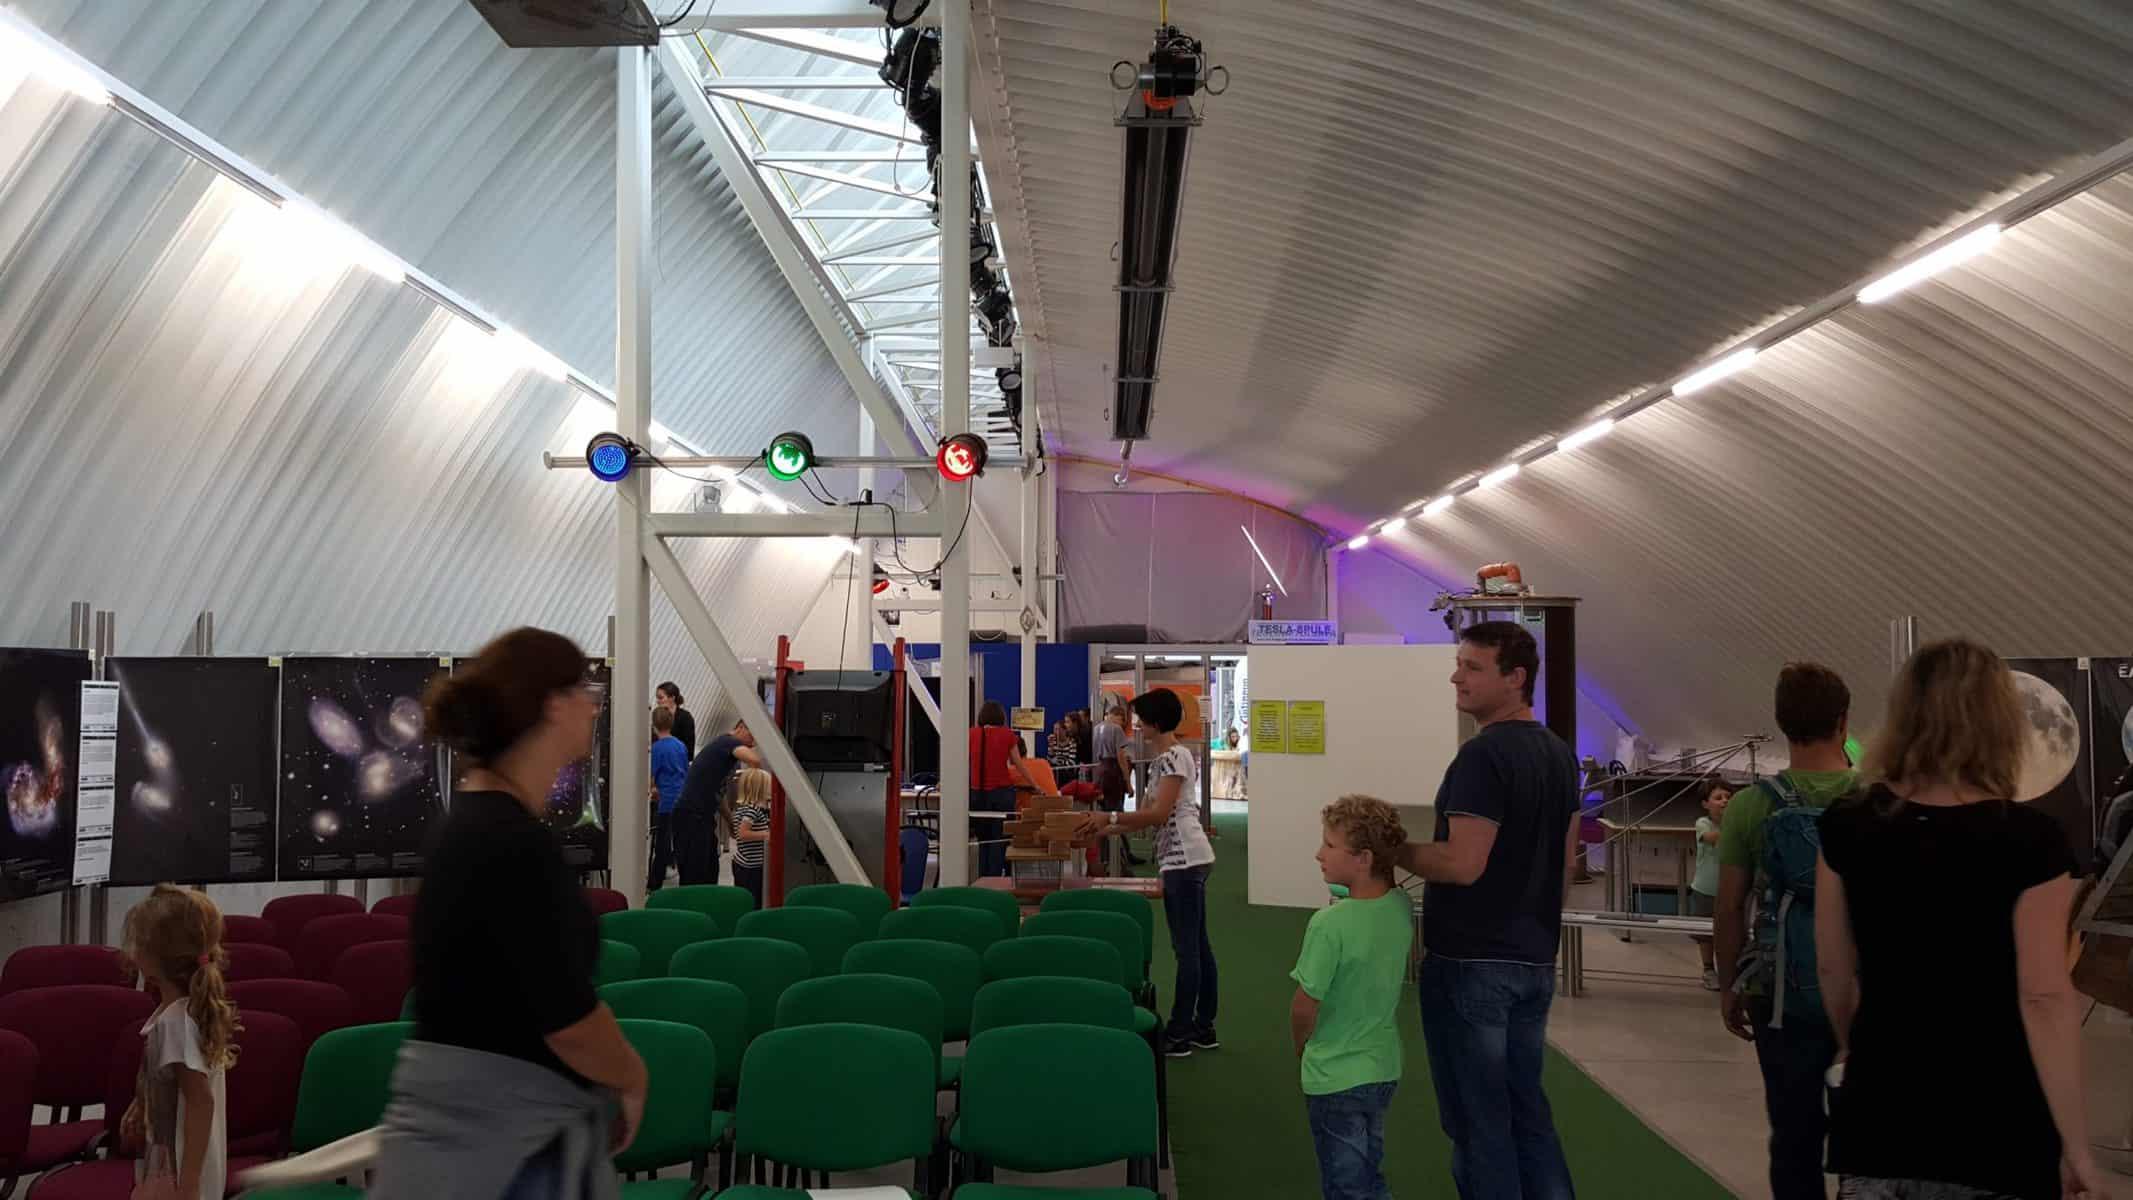 Indoor Ausflugsziel für Kinder und Familien in Kärnten: EXPI im Rosental Nähe Klagenfurt